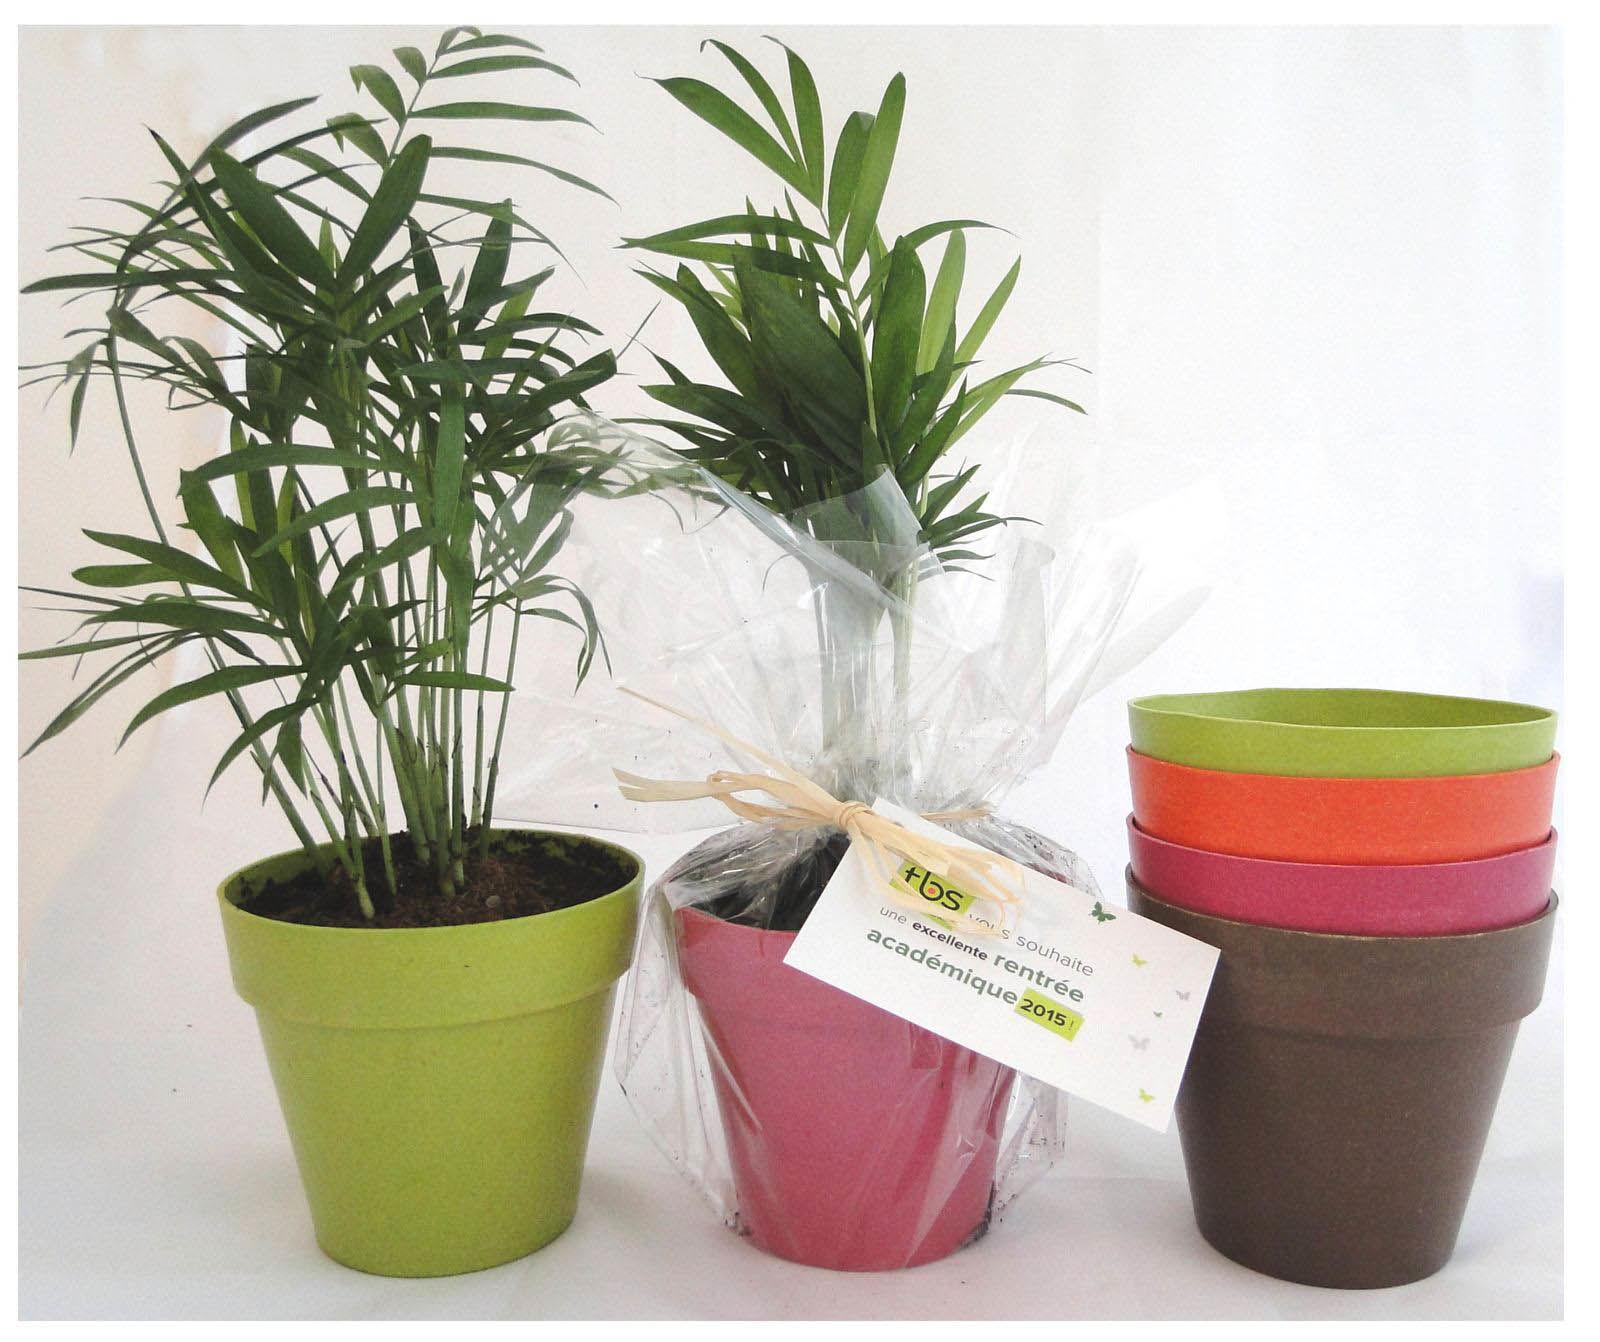 plante d co en pot ecolo objet publicitaire cologique. Black Bedroom Furniture Sets. Home Design Ideas